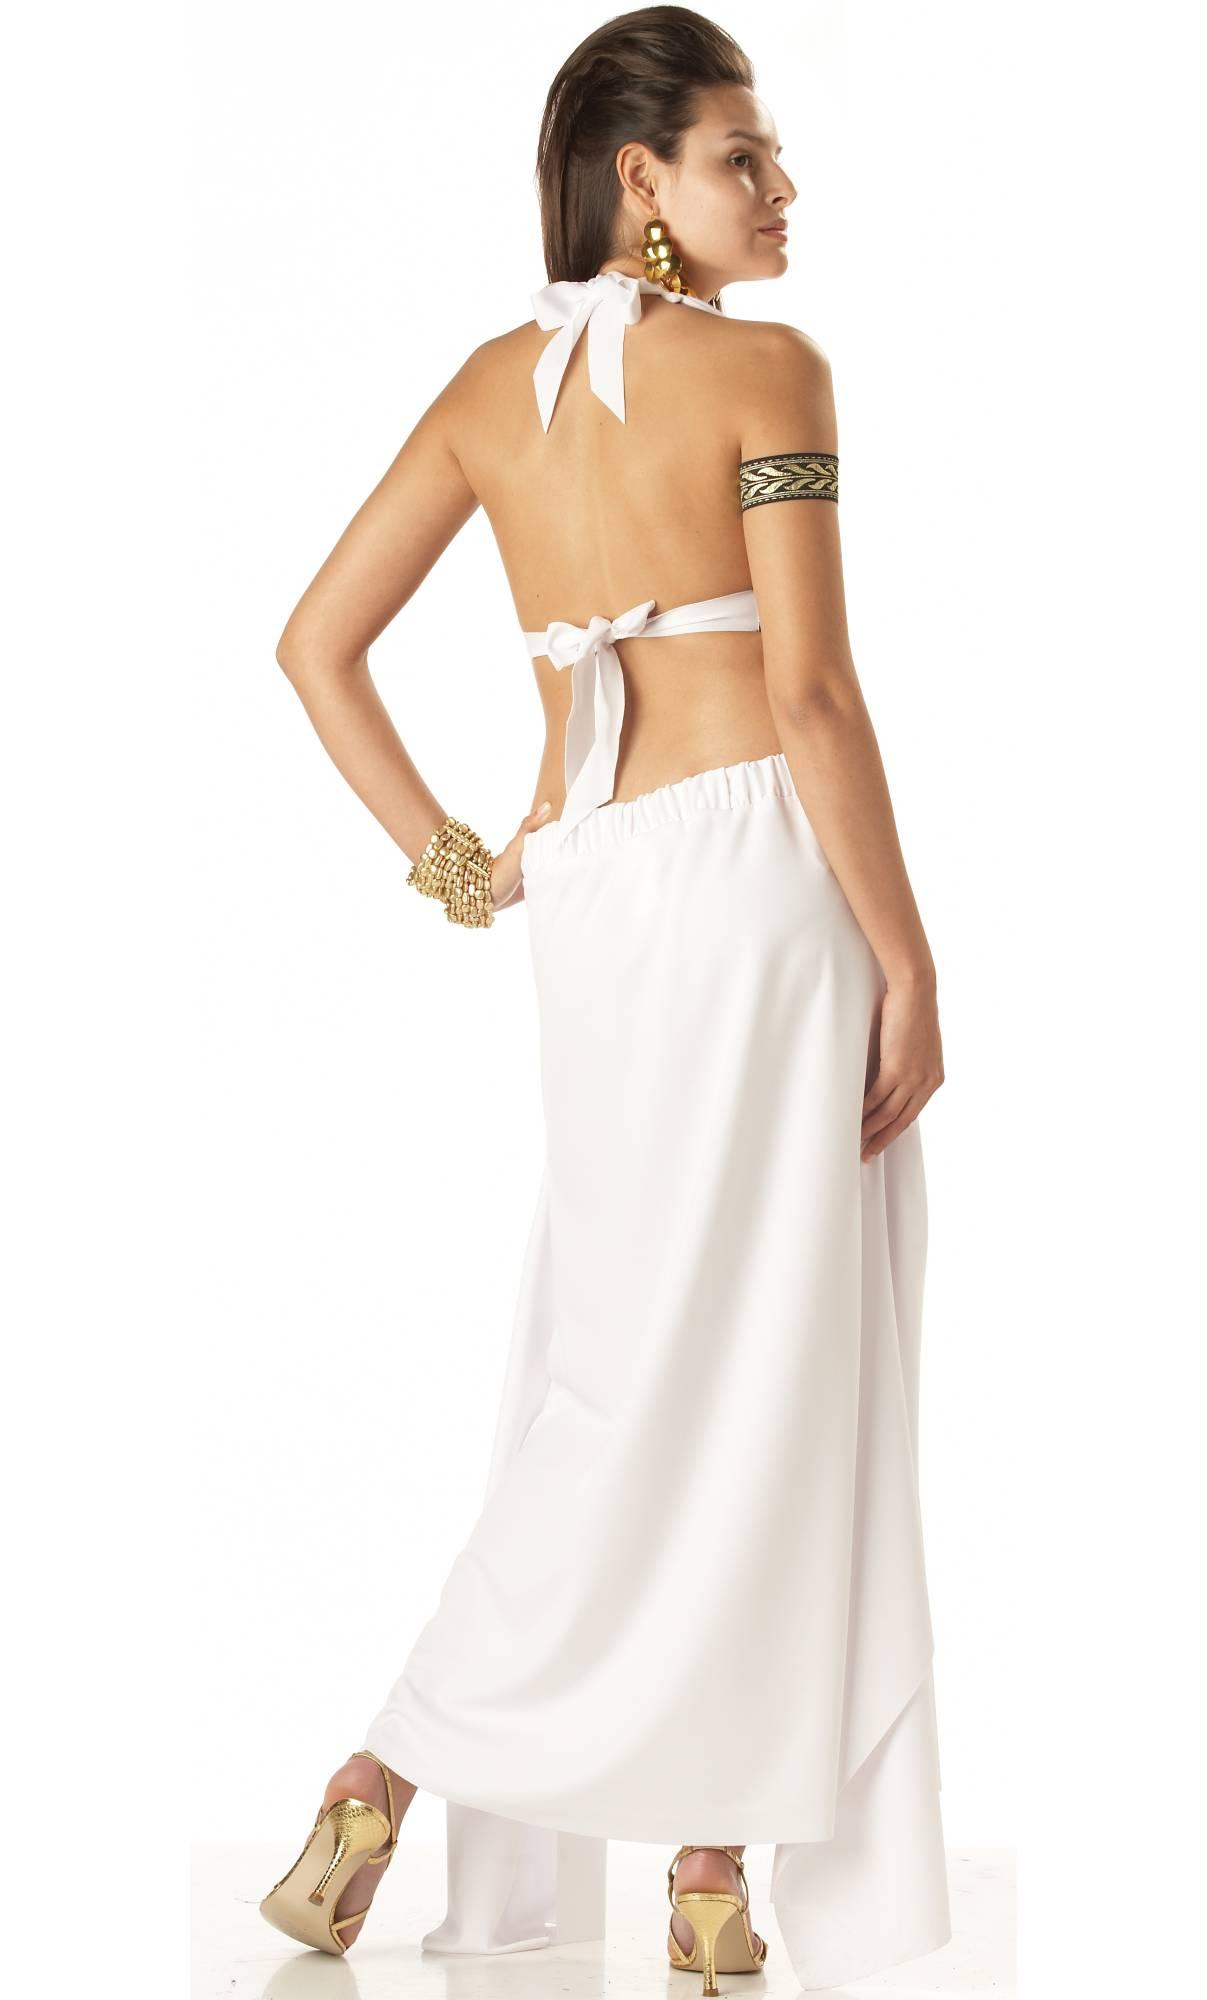 Costume-Romaine-2